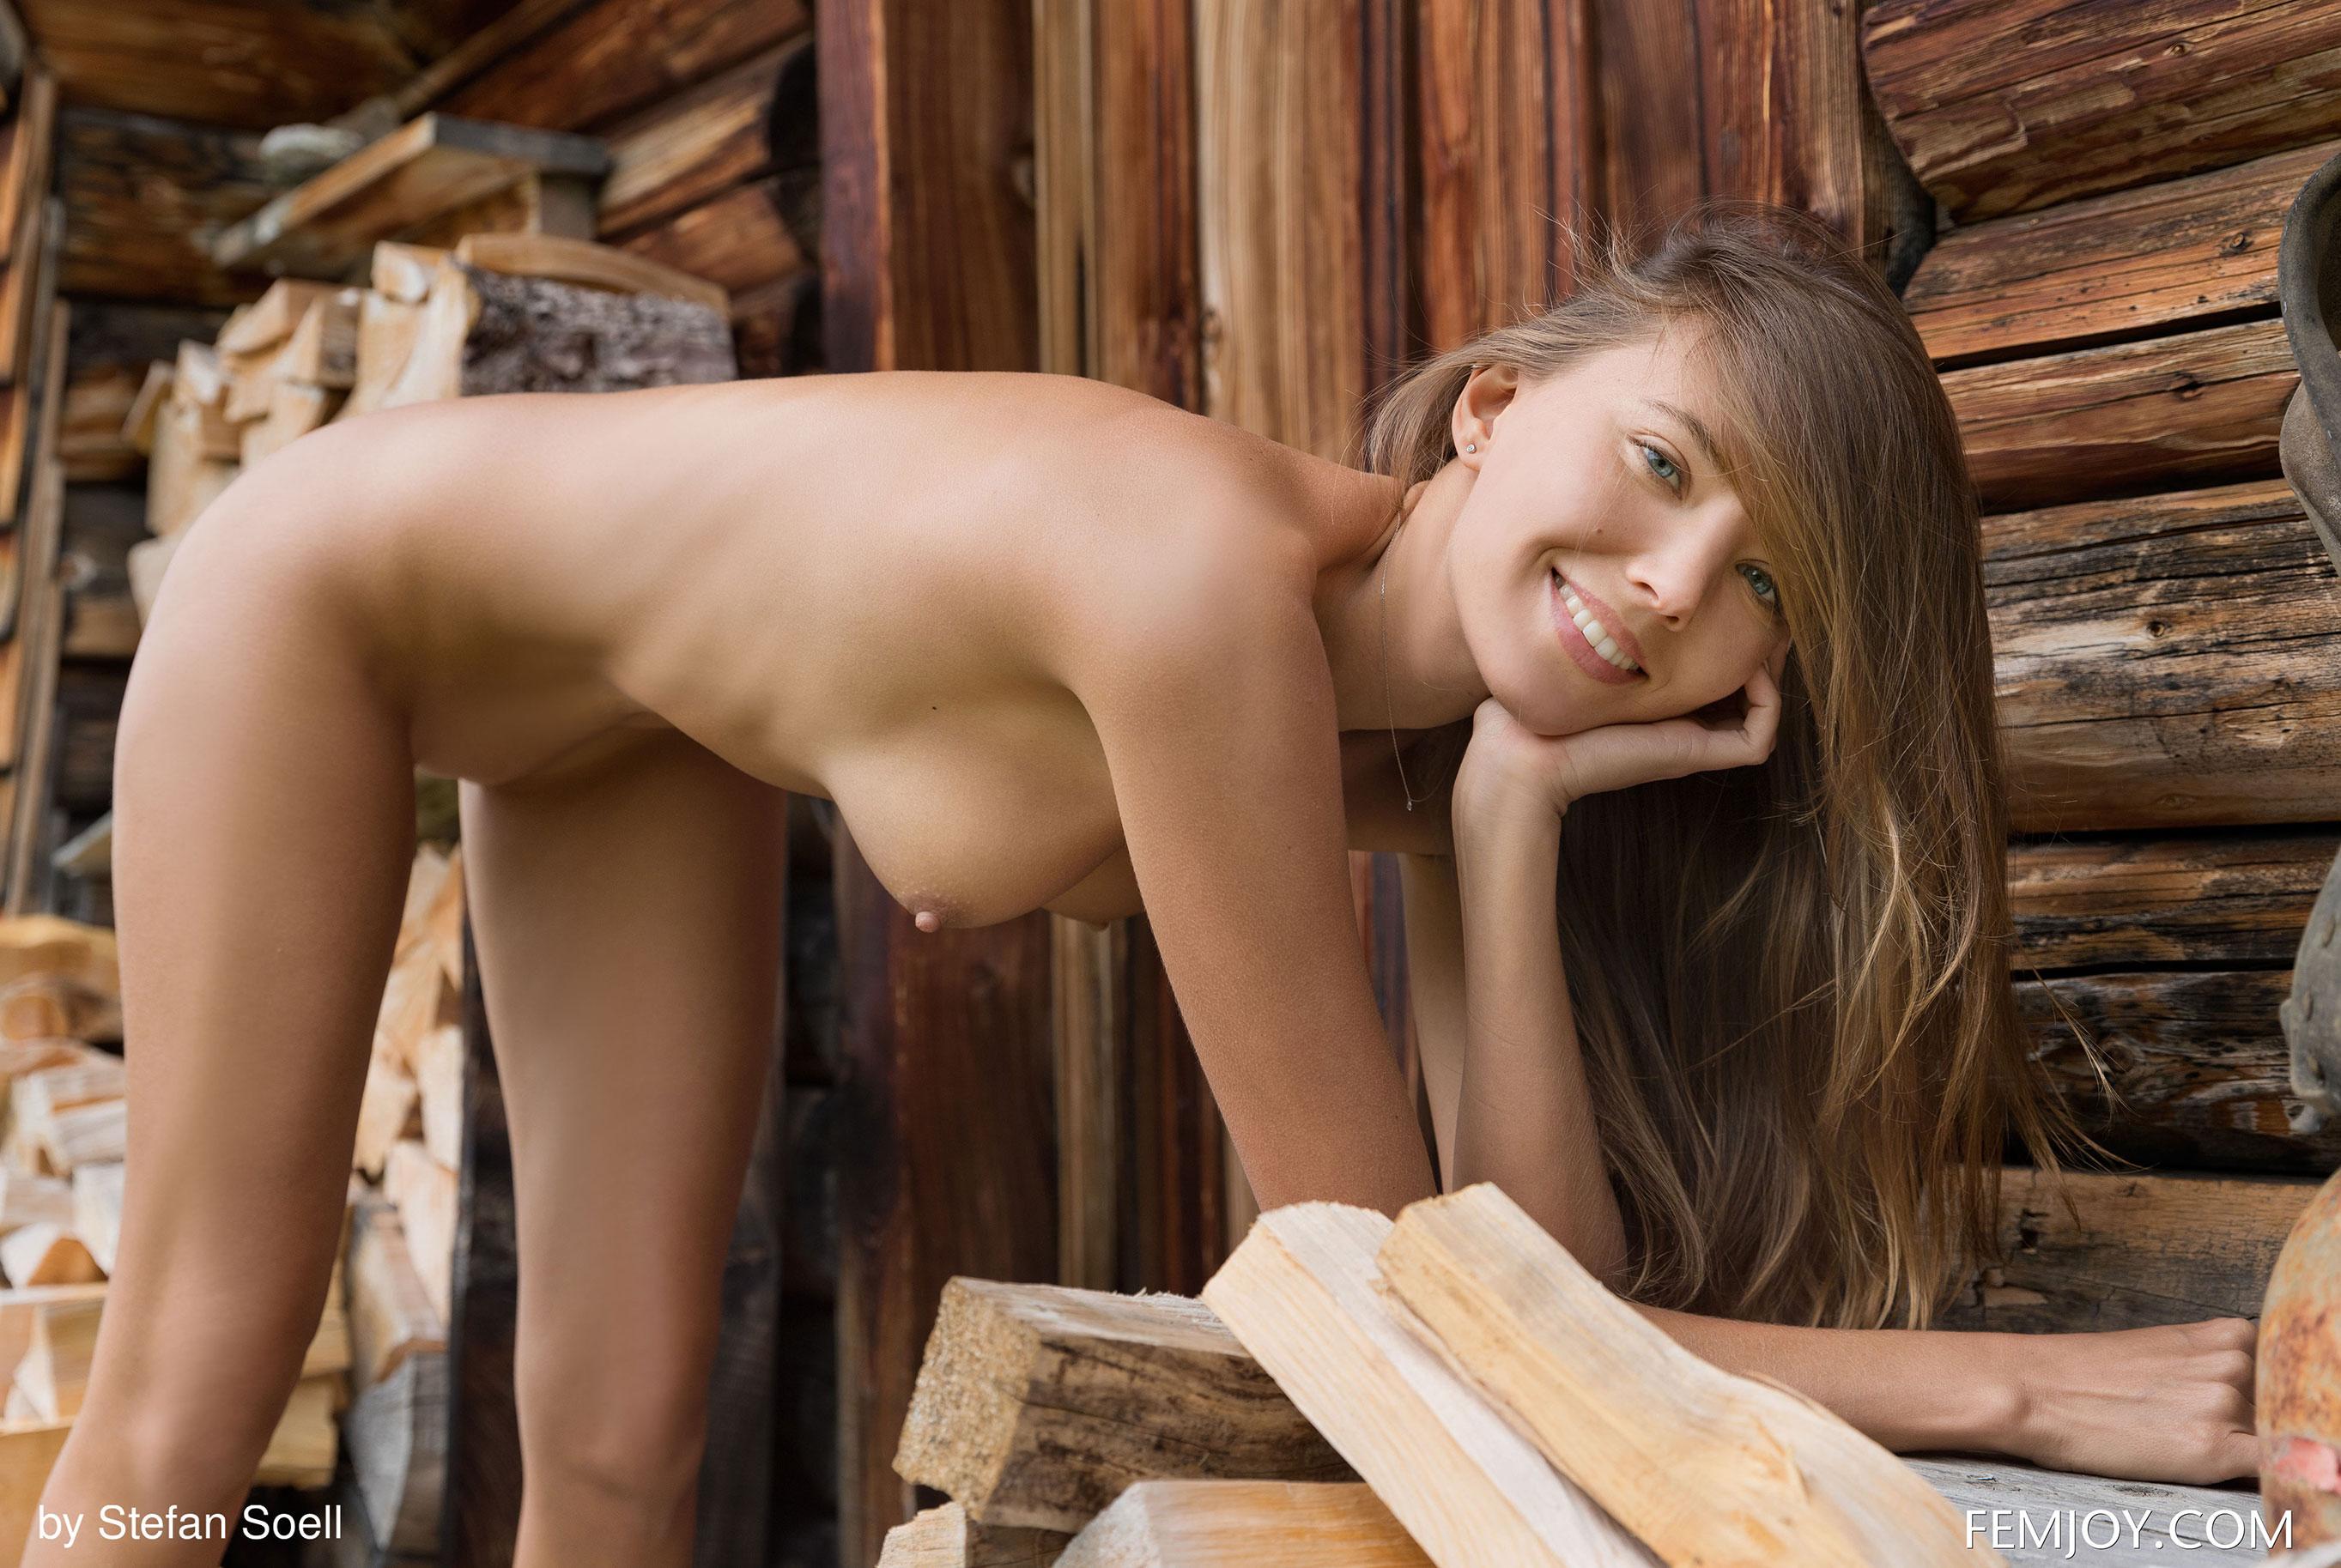 Сексуальная Катя - голая и одинокая в избушке на склоне Альпийских гор / фото 21